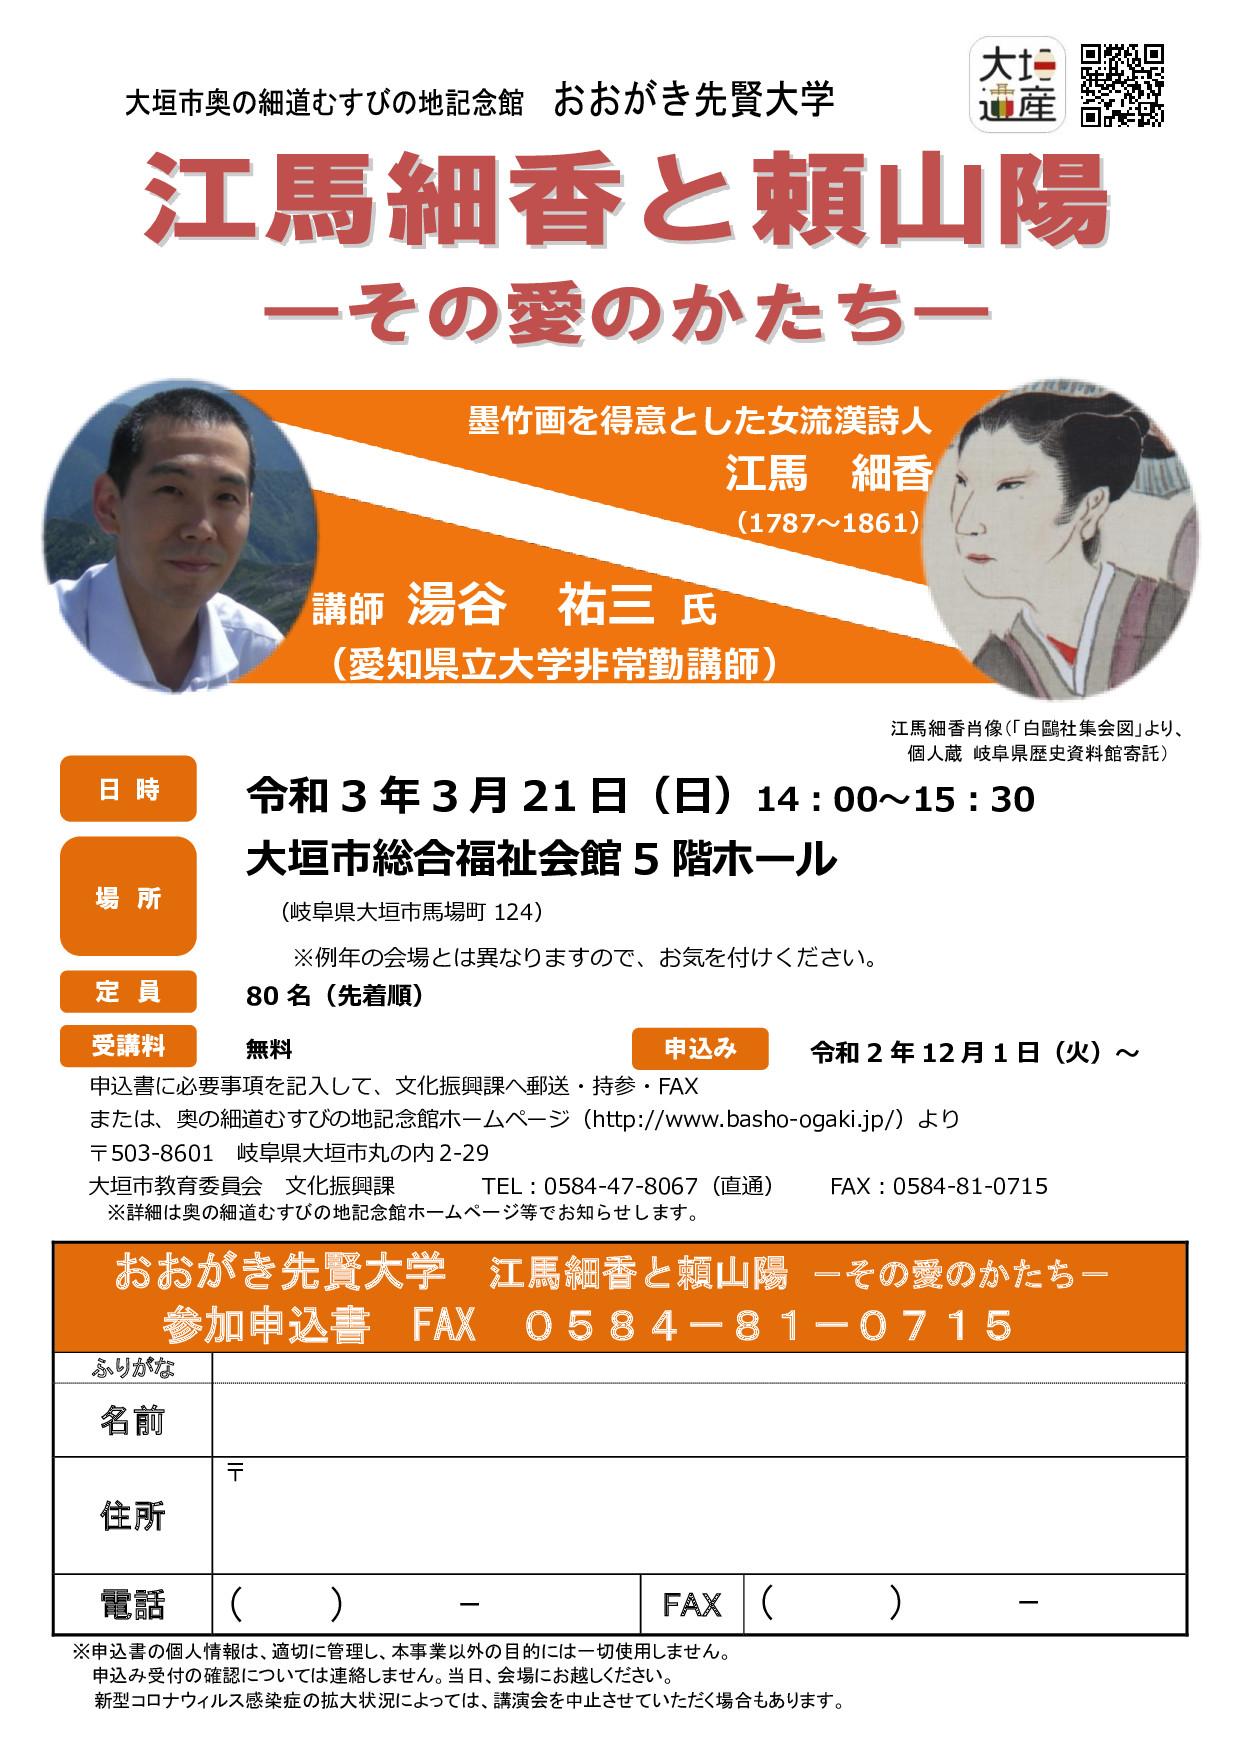 ウイルス コロナ 岐阜 県 大垣 市 市内での新型コロナウイルス感染症患者の発生情報(6月13日更新)